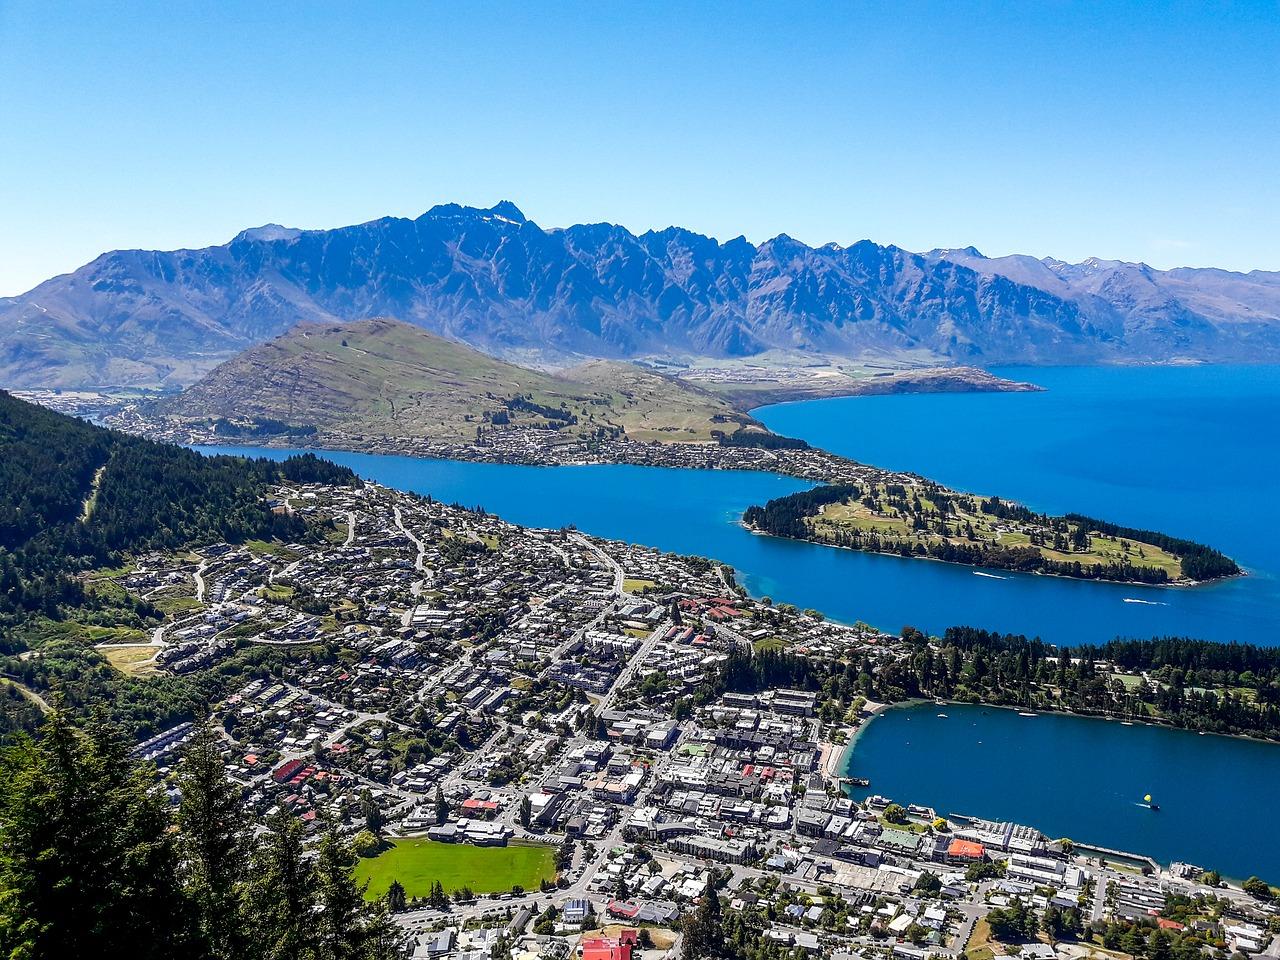 ubezpieczenie-do-nowej-zelandii